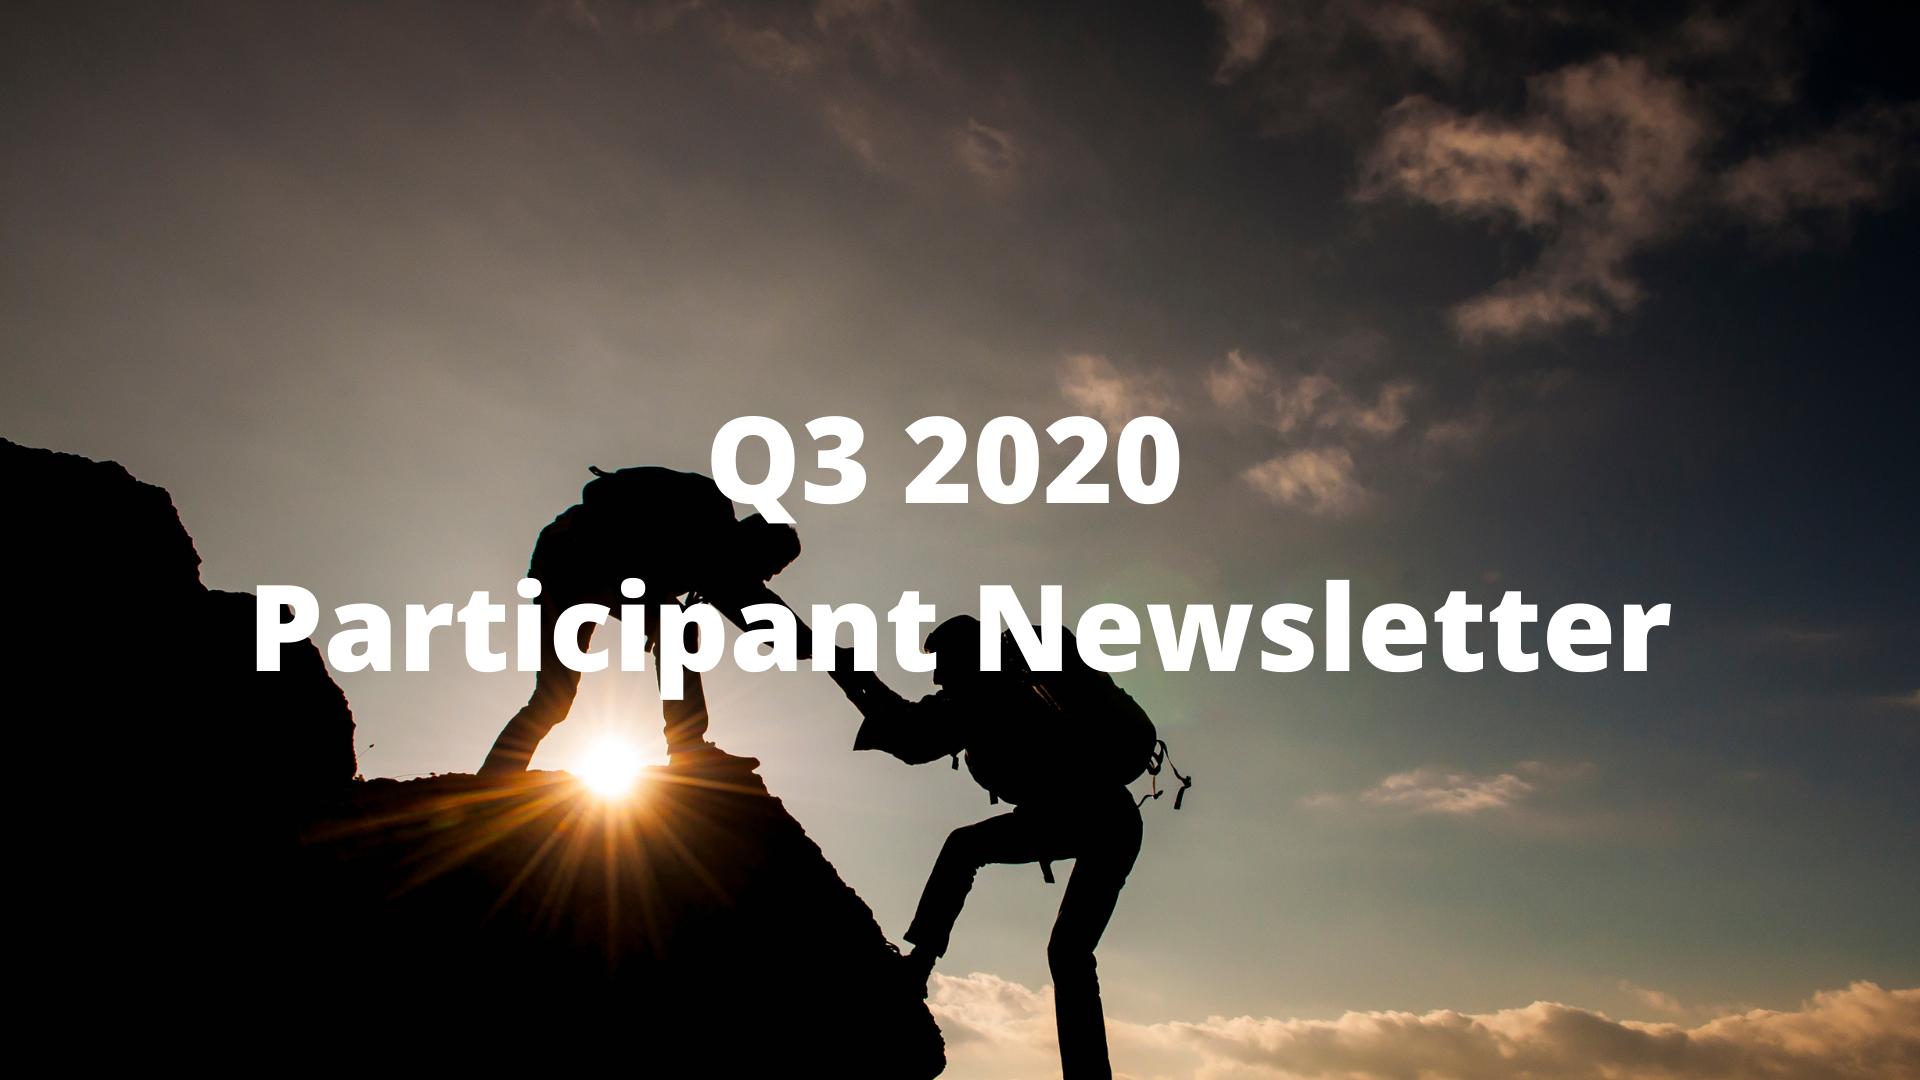 Q3 2020 Participant Newsletter